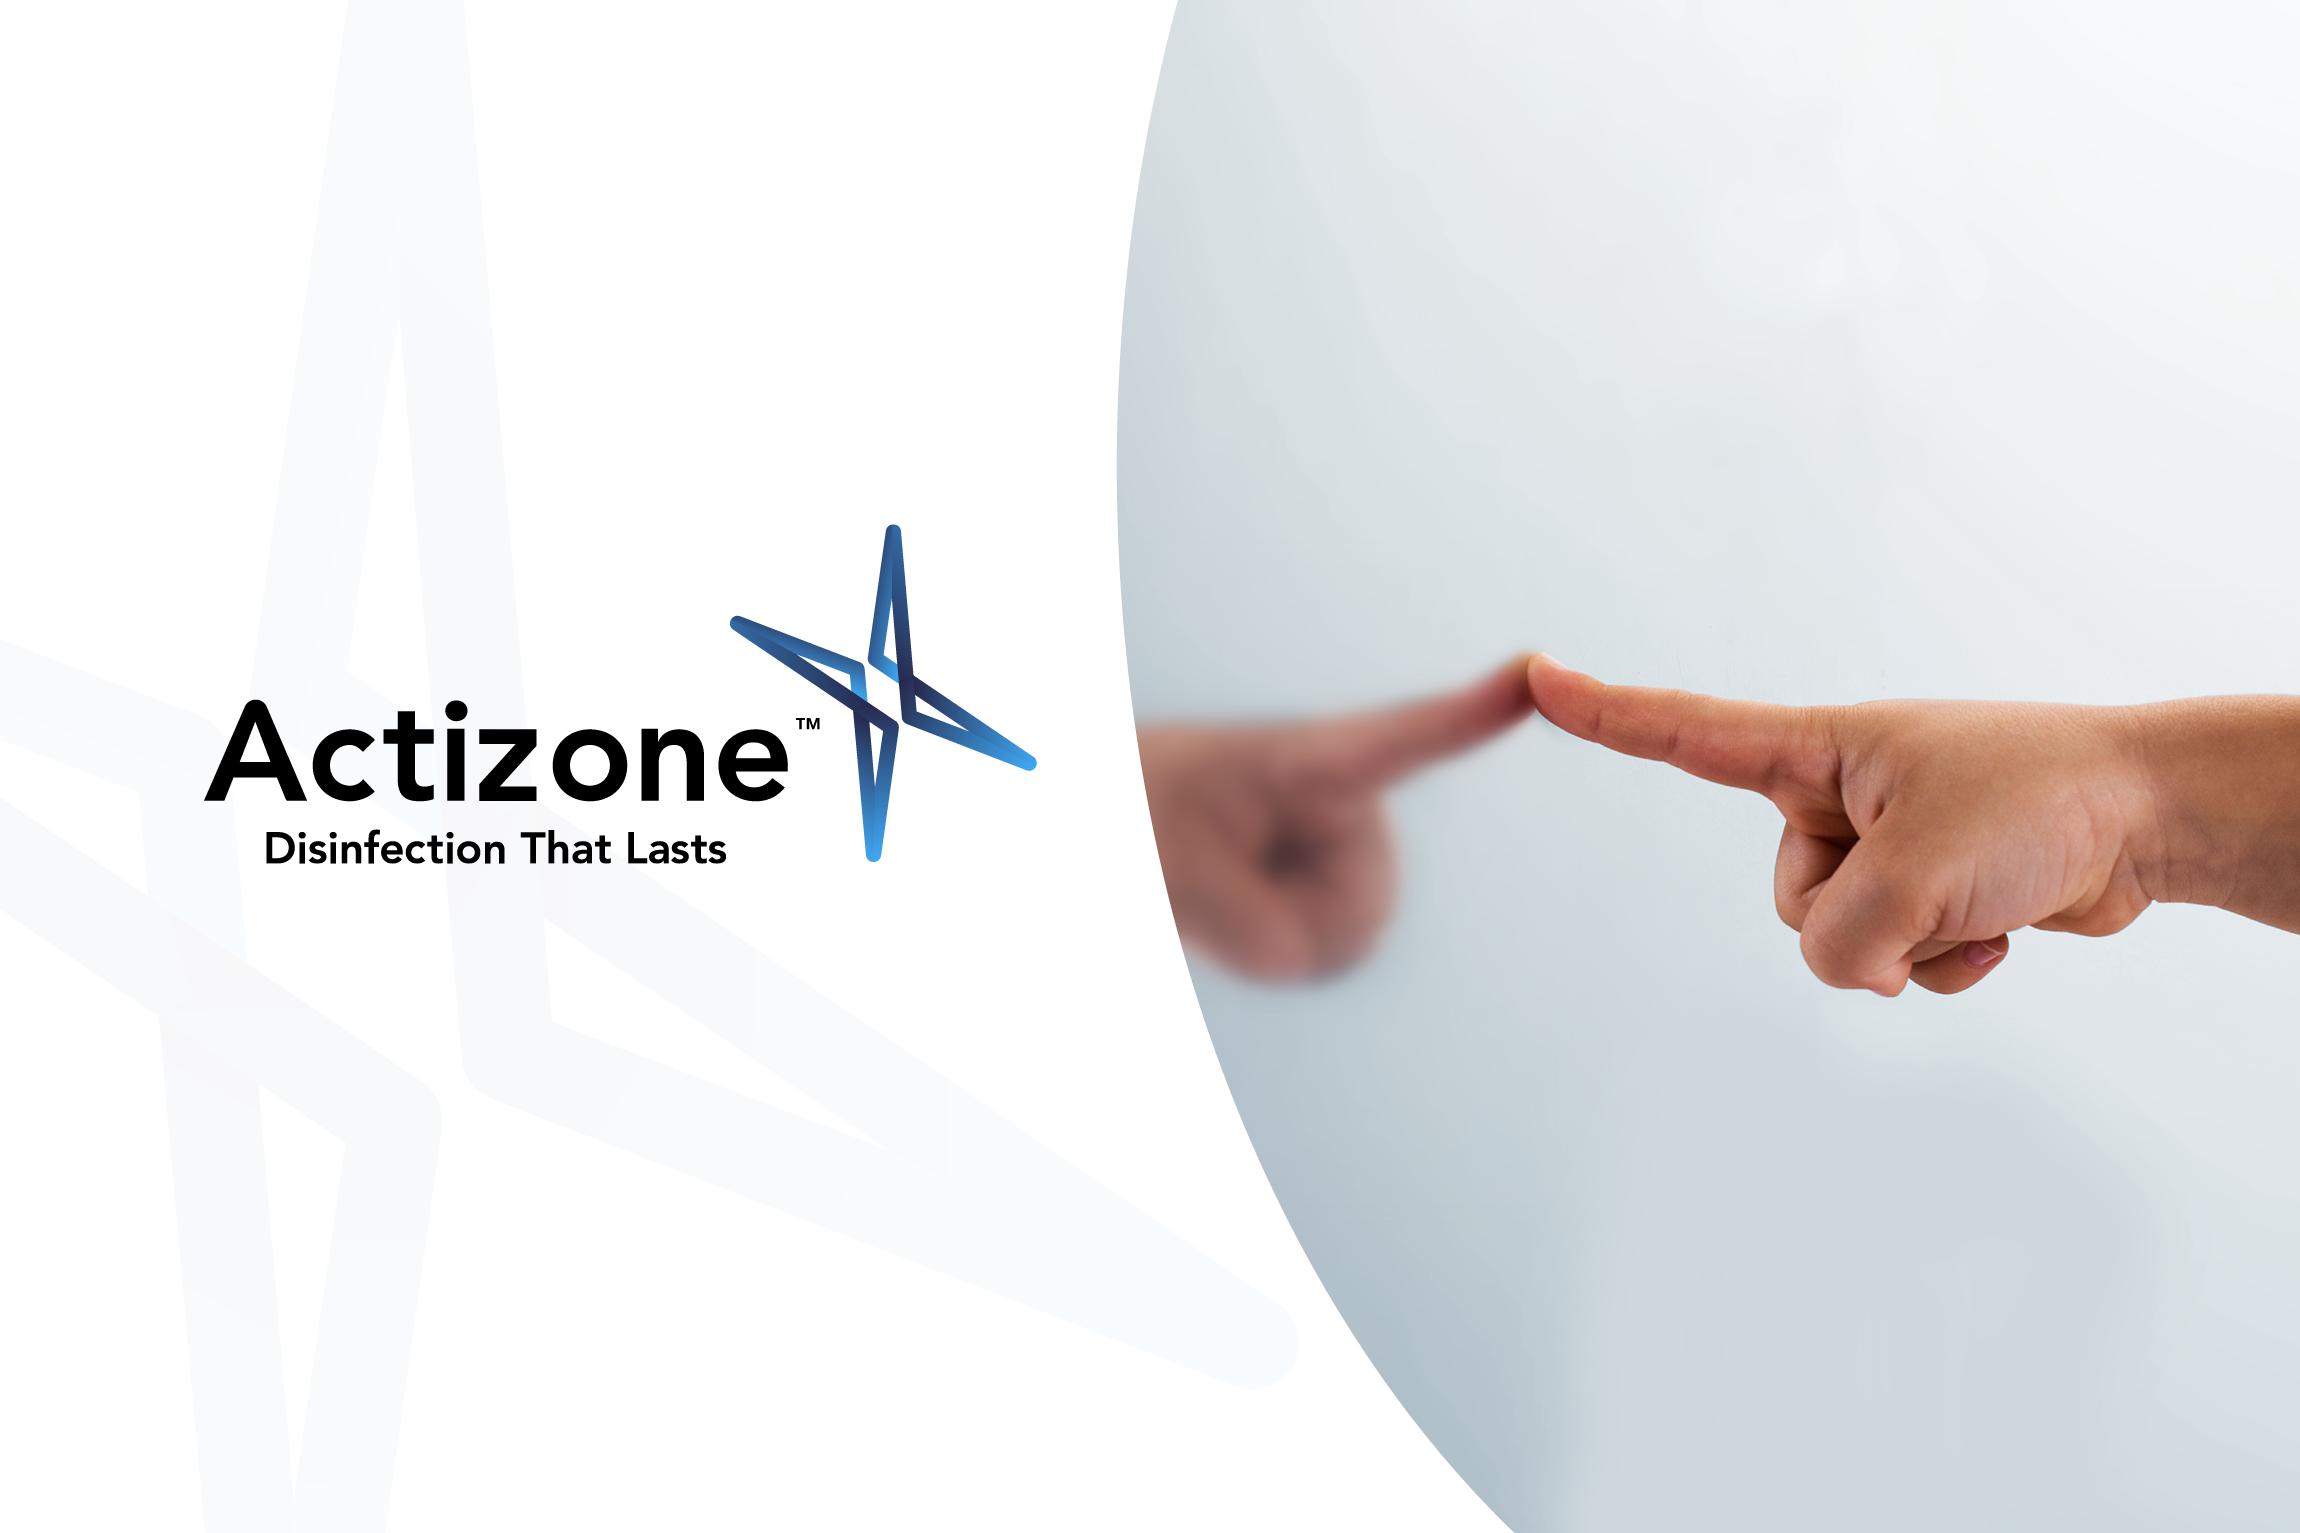 Actizone - Disinfection That Lasts - PR